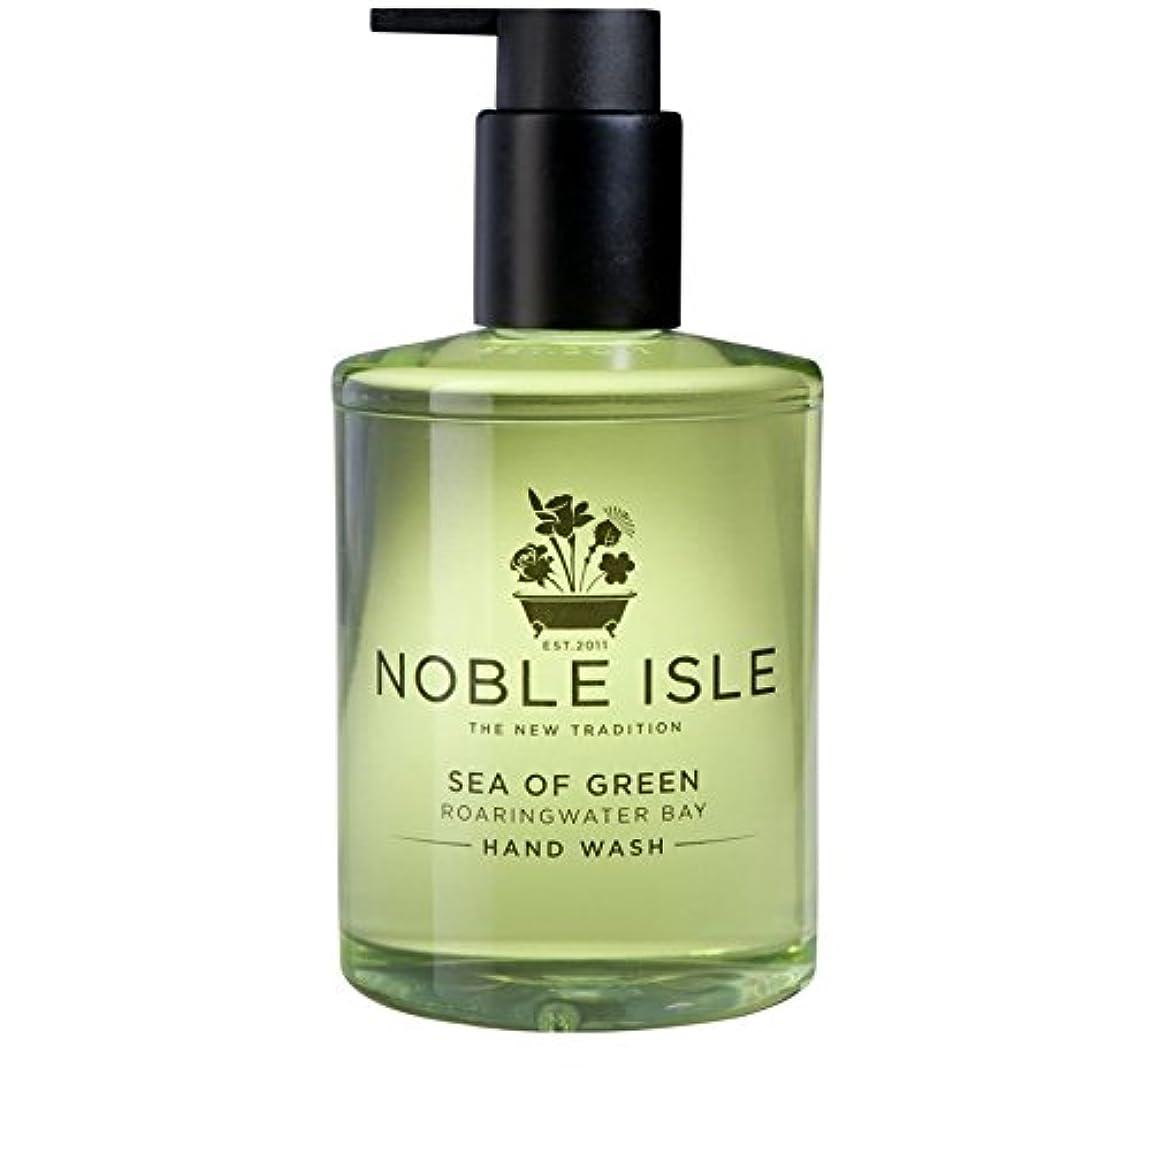 ボイラー夕方流星緑ベイハンドウォッシュ250ミリリットルの高貴な島の海 x4 - Noble Isle Sea of Green Roaringwater Bay Hand Wash 250ml (Pack of 4) [並行輸入品]